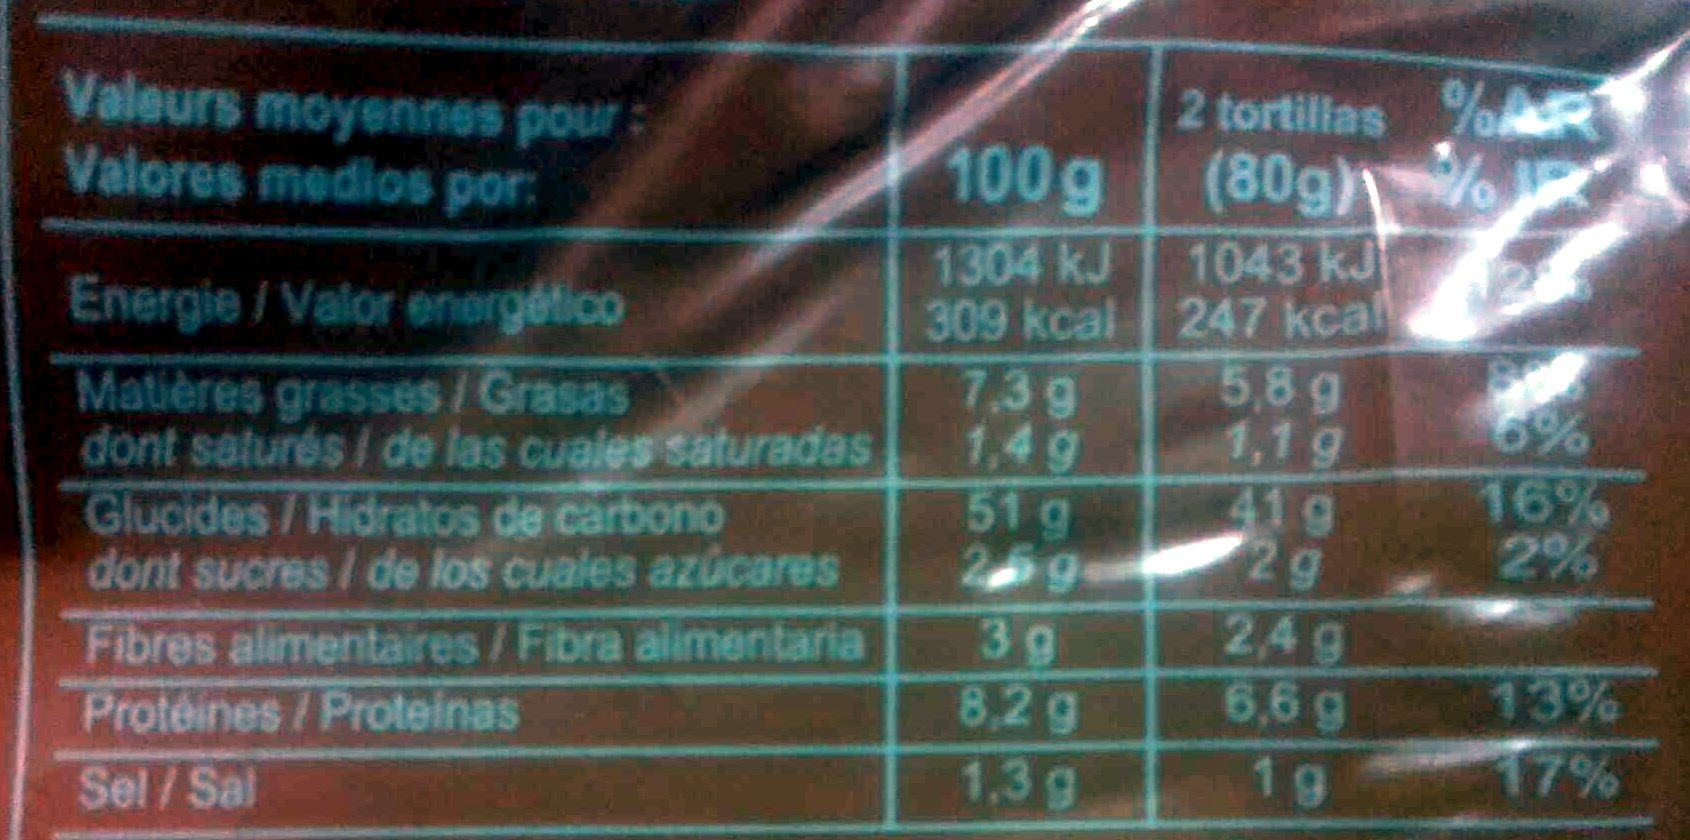 Tortillas blé et mais - Informations nutritionnelles - fr